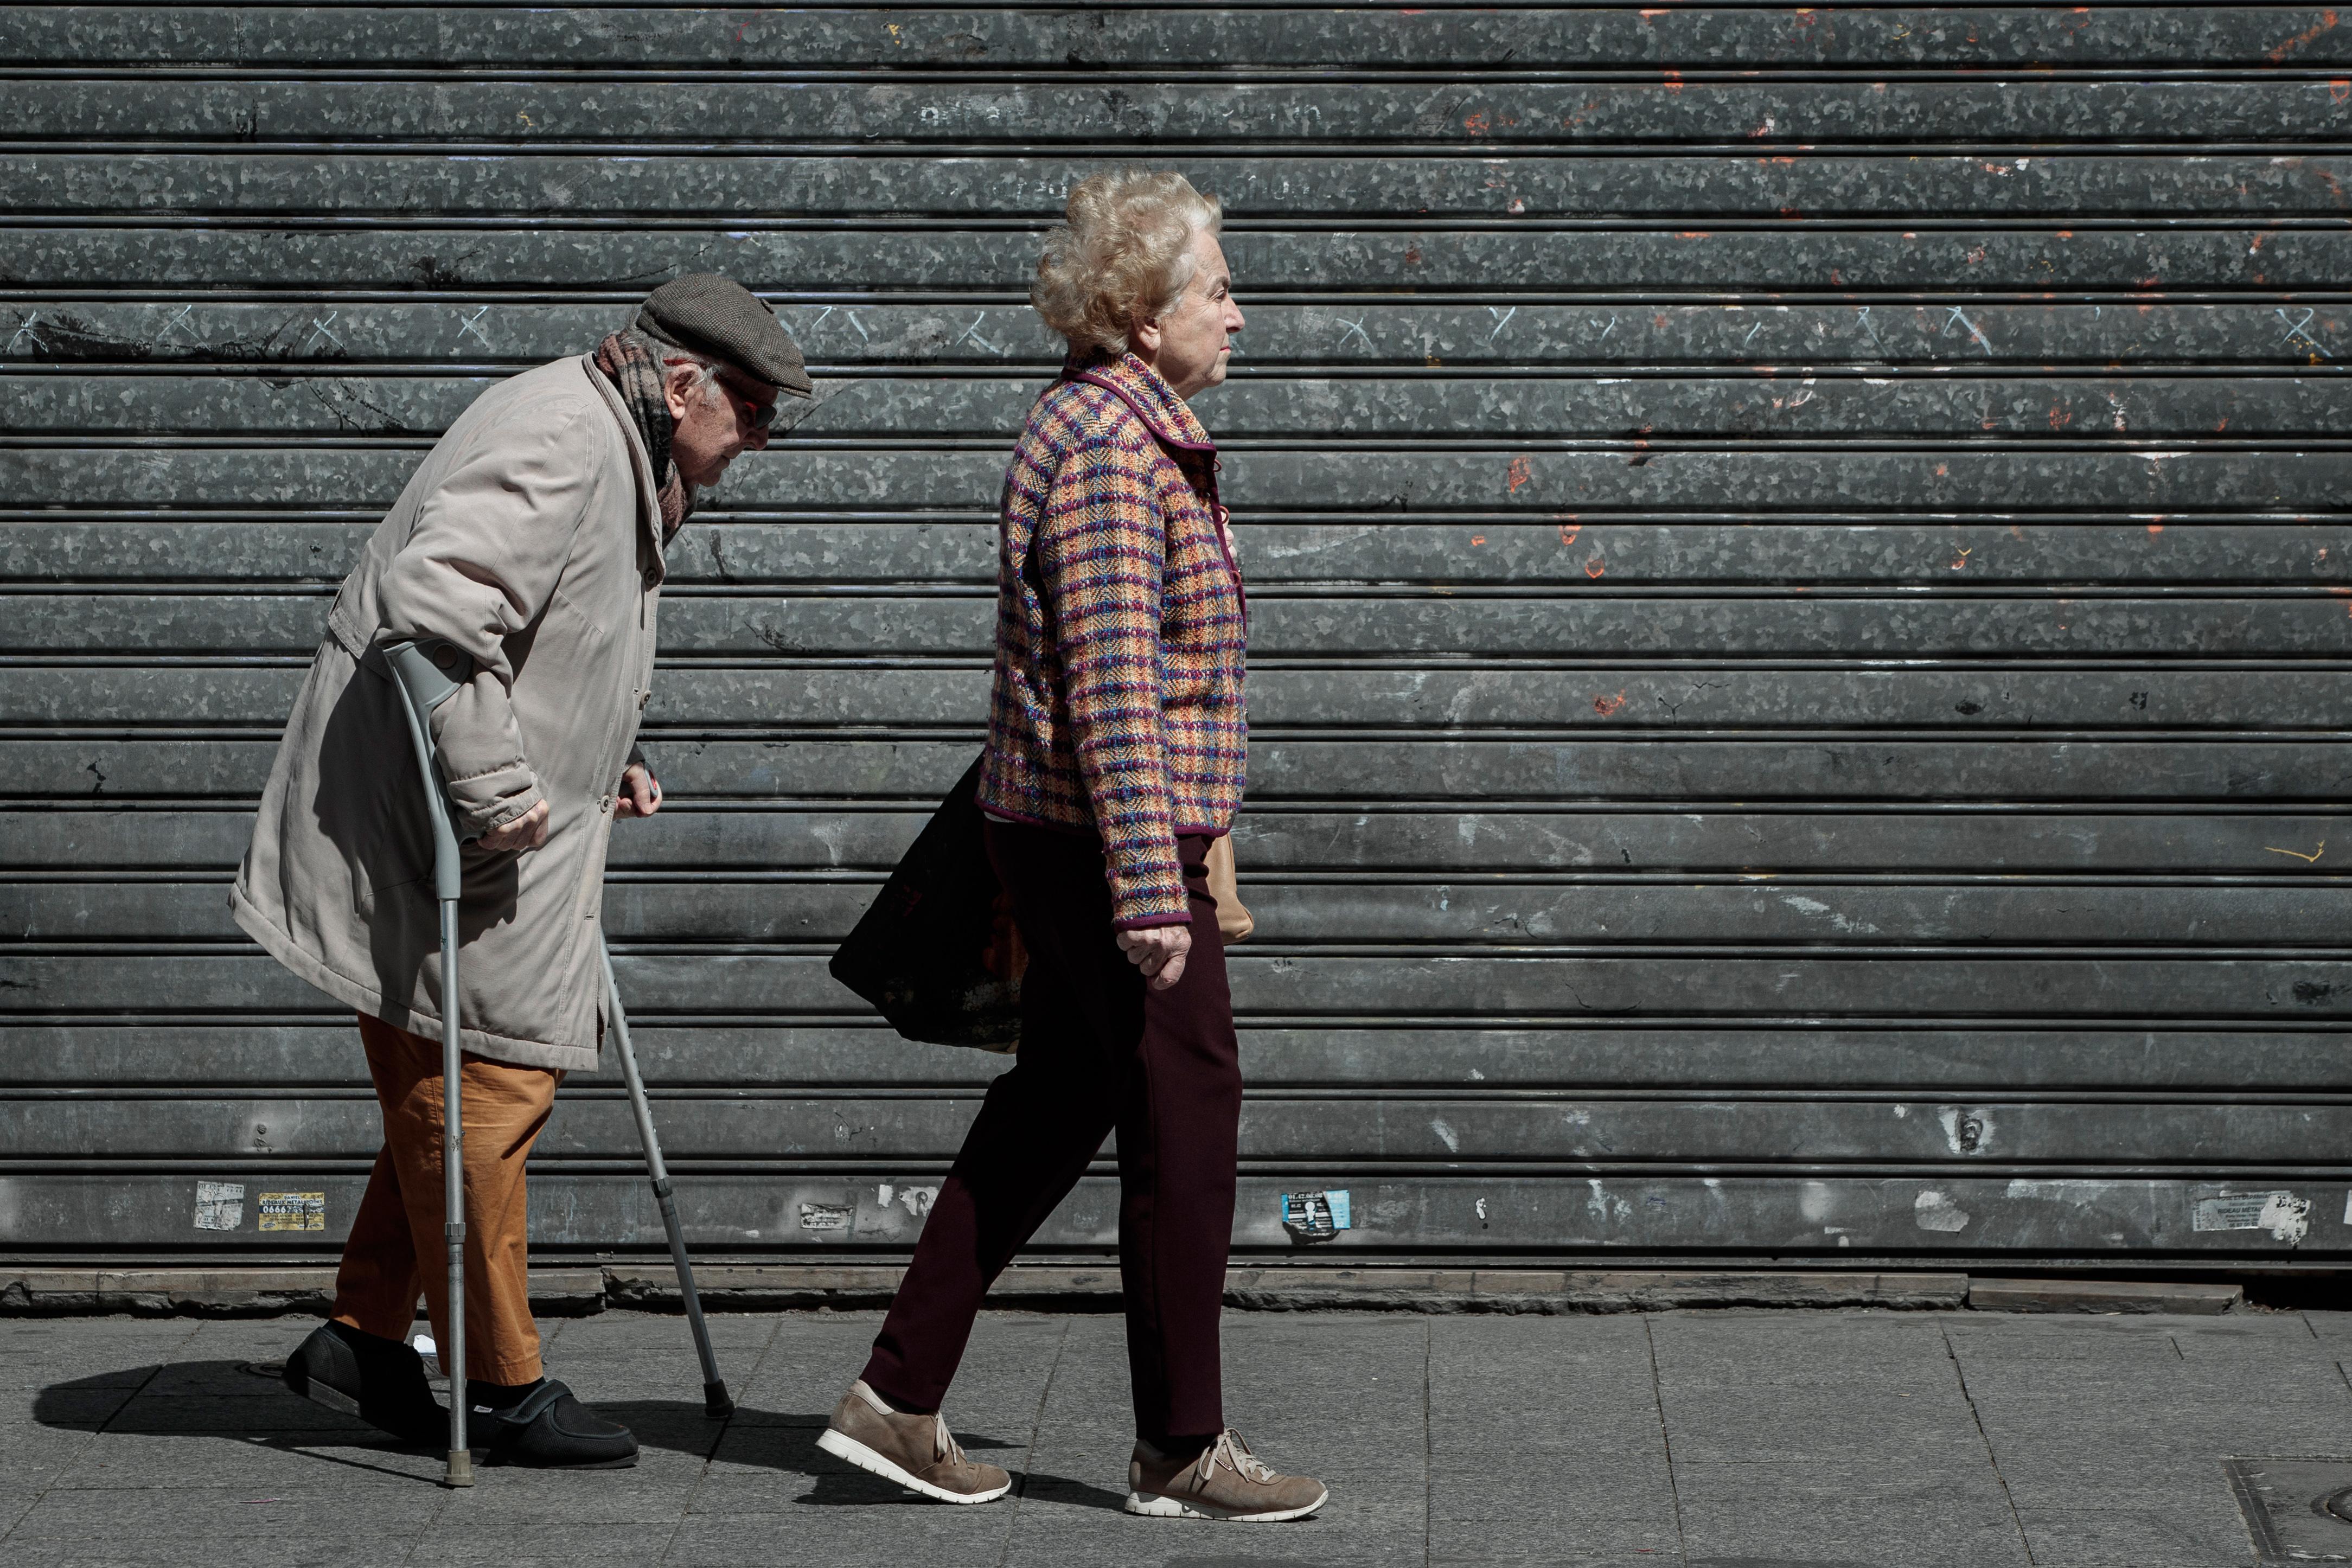 Évközi nyugdíjemelés jöhet a járvány miatt